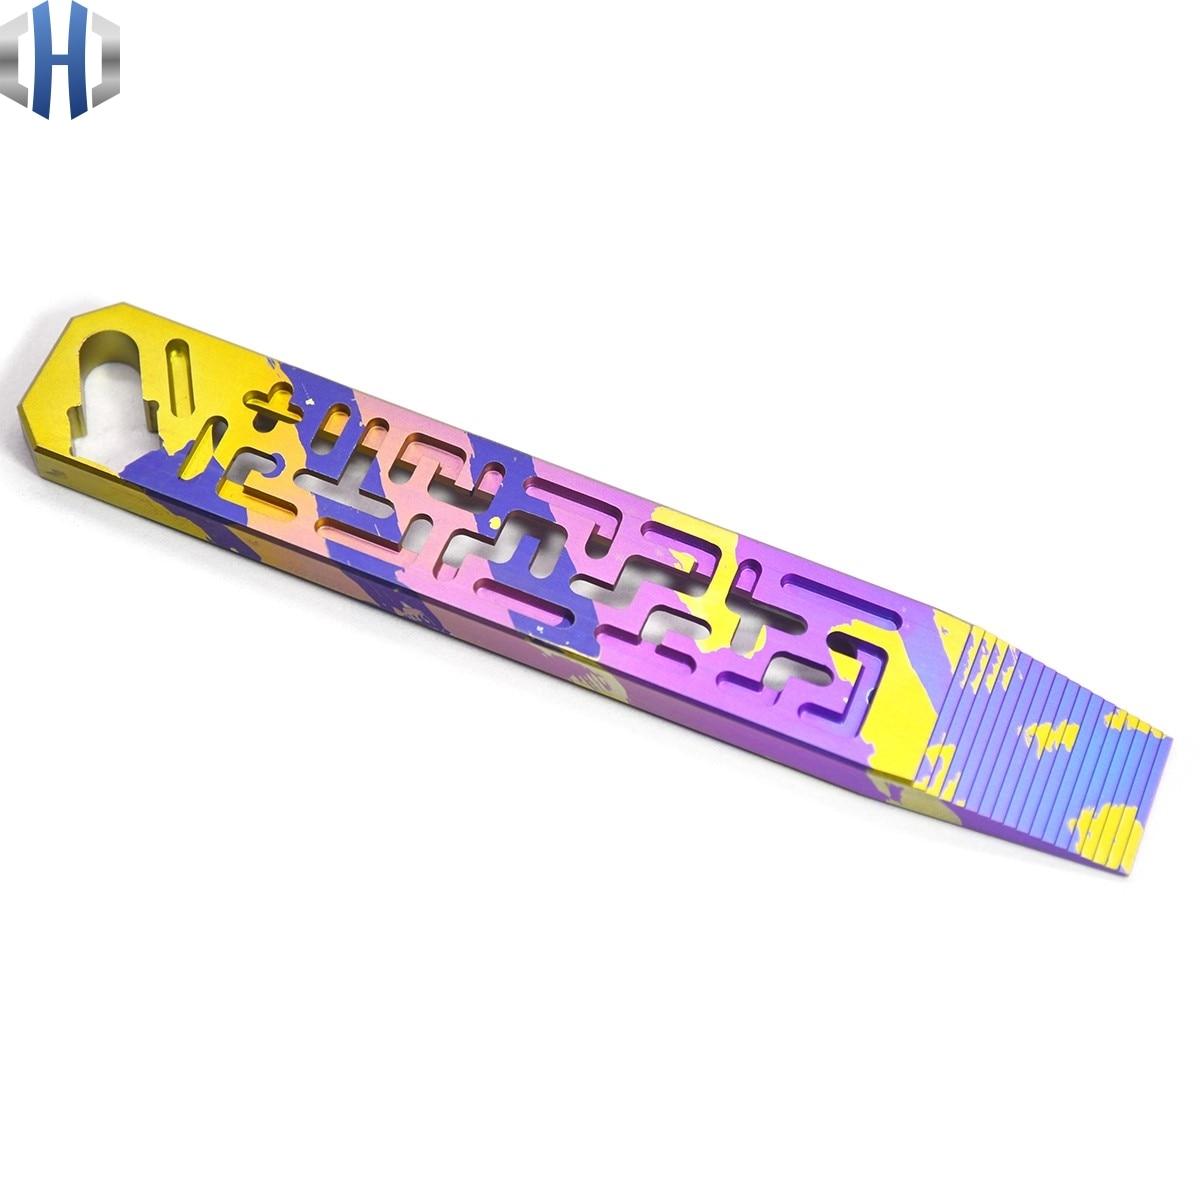 مفتاح حبر مجوف من سبائك التيتانيوم ، أداة متعددة الوظائف ، EDC